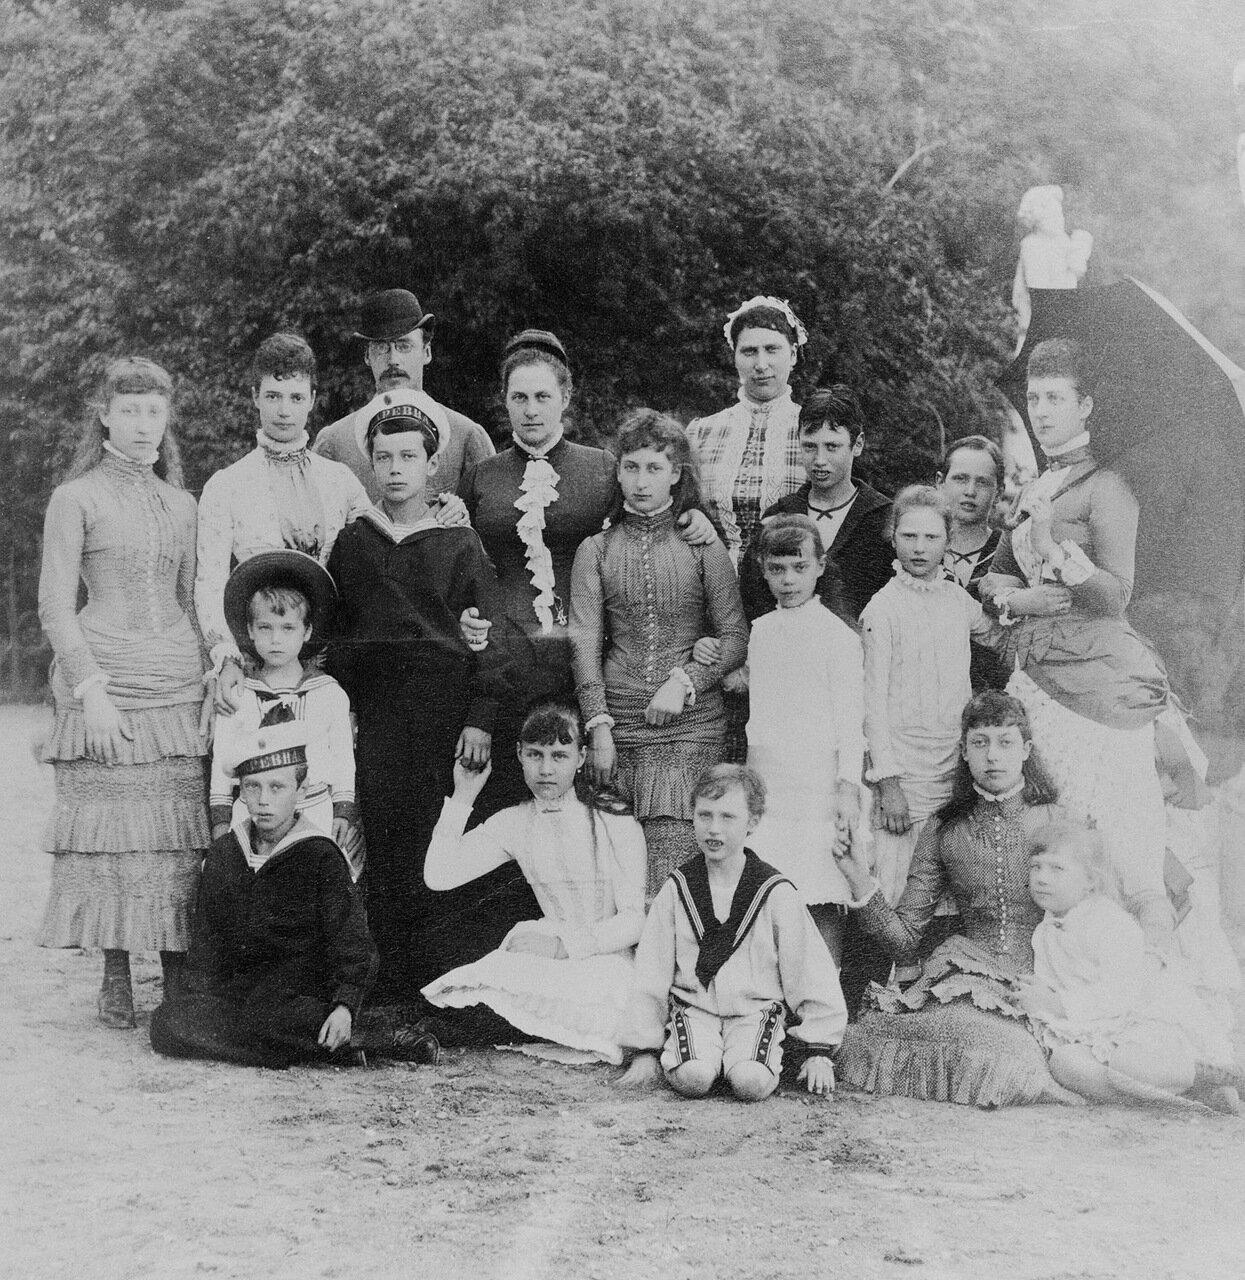 Групповой портрет членов британской, датской, греческой и русской королевской семьи, 1883 г.